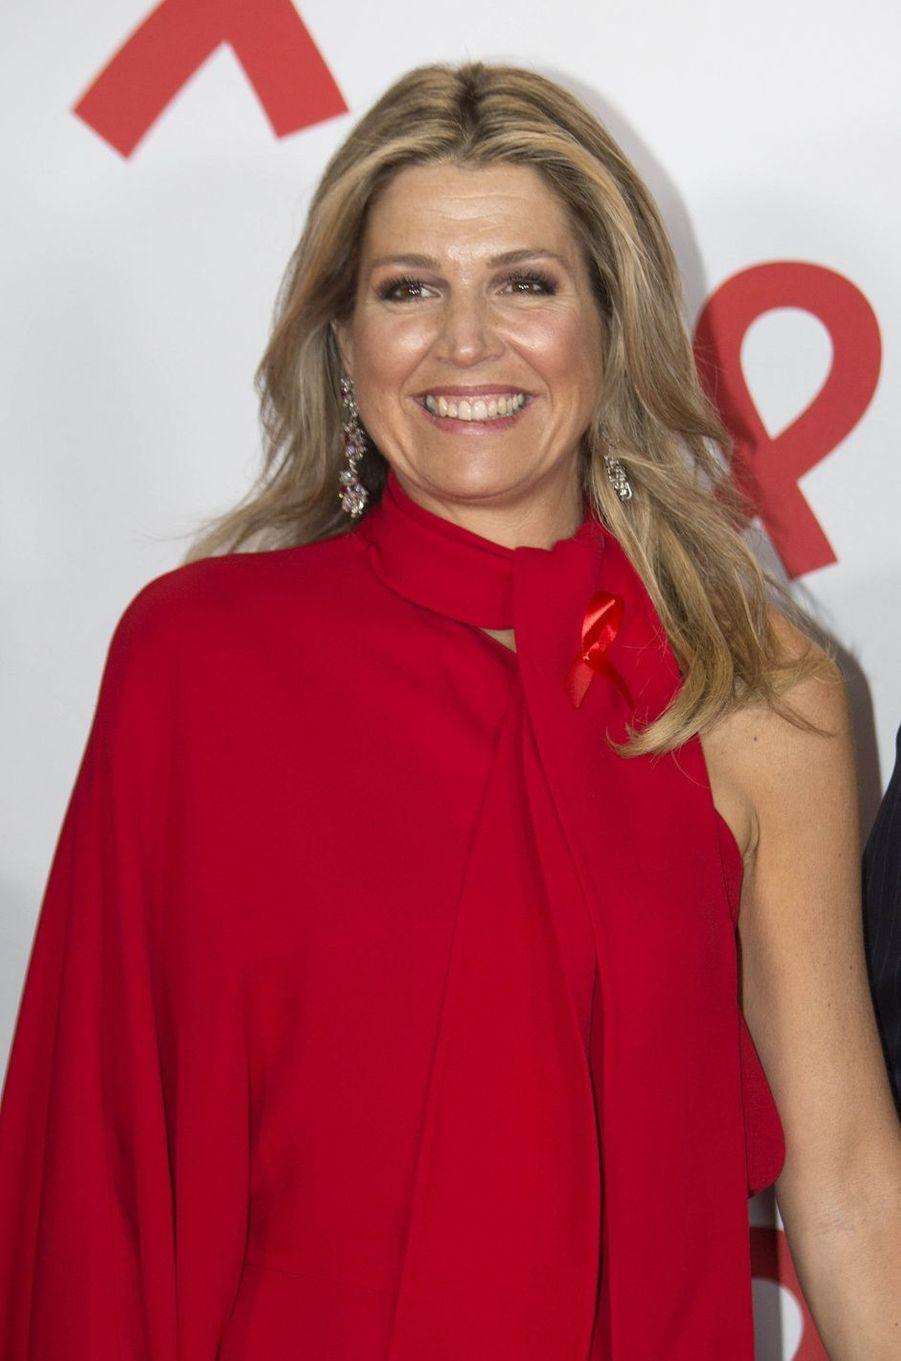 La reine Maxima des Pays-Bas à Amsterdam, le 16 mai 2018